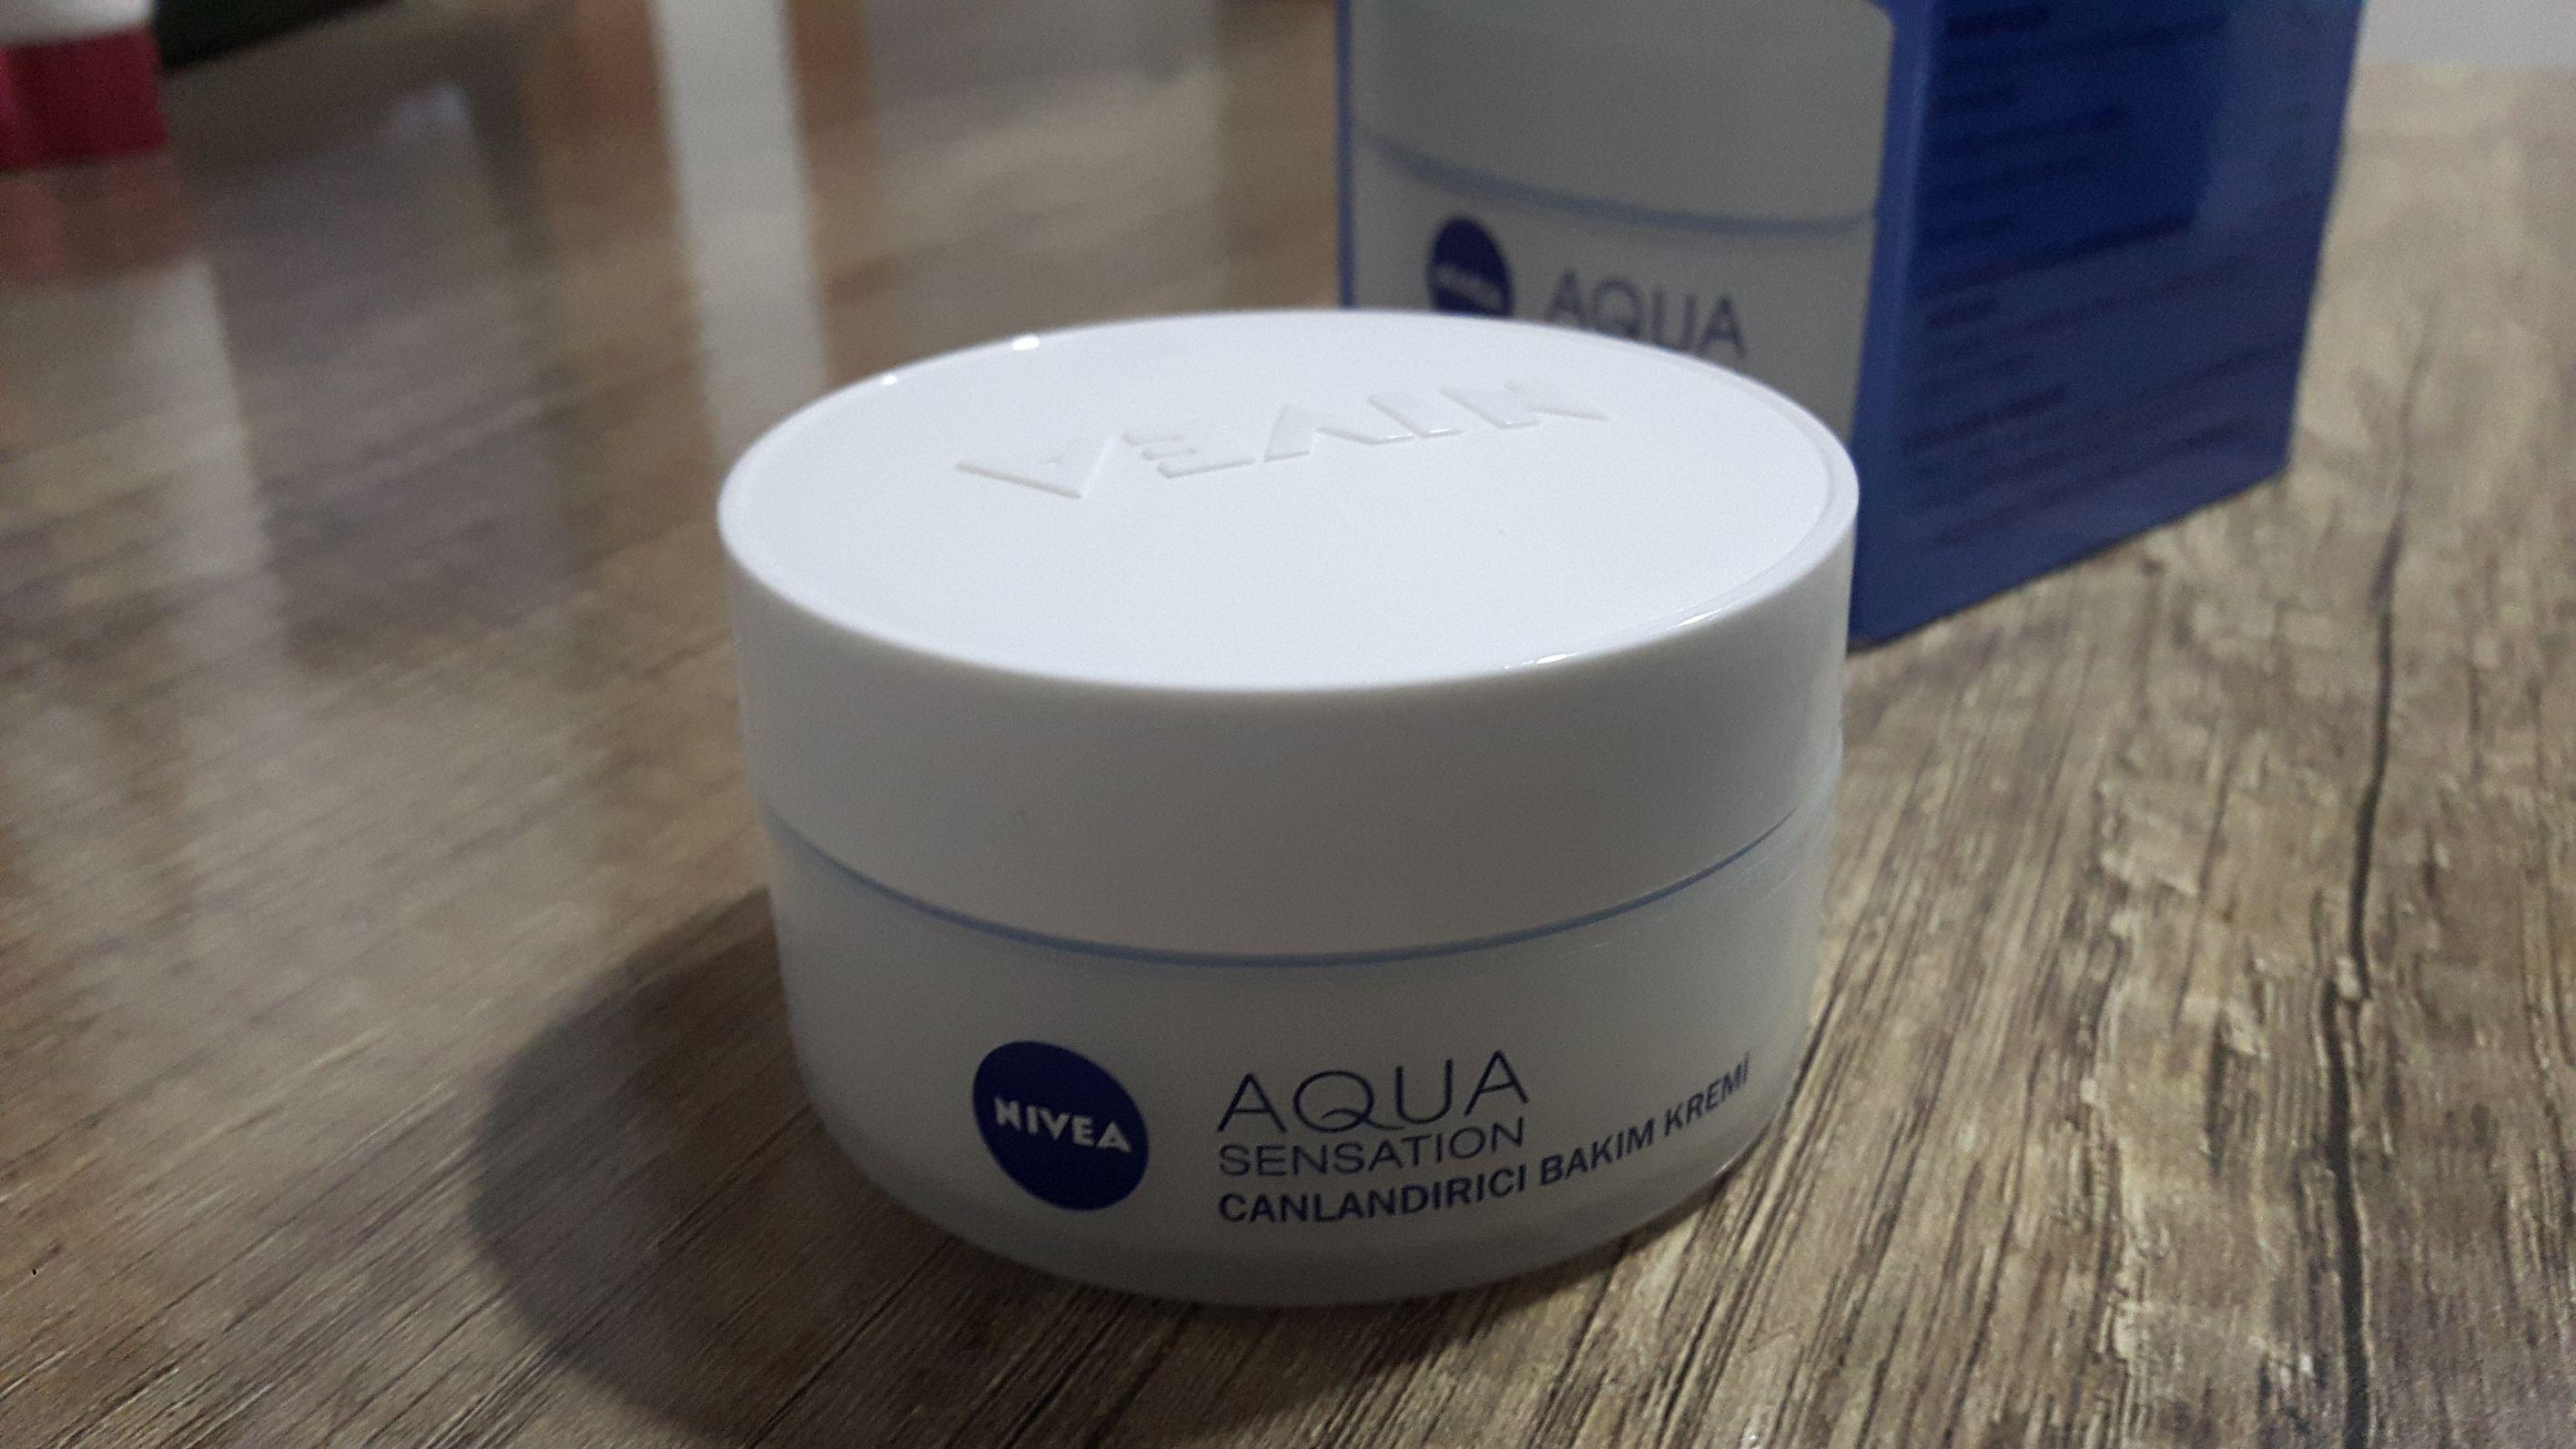 Nivea Aqua Sensetion Canlandırıcı Bakım Kremi